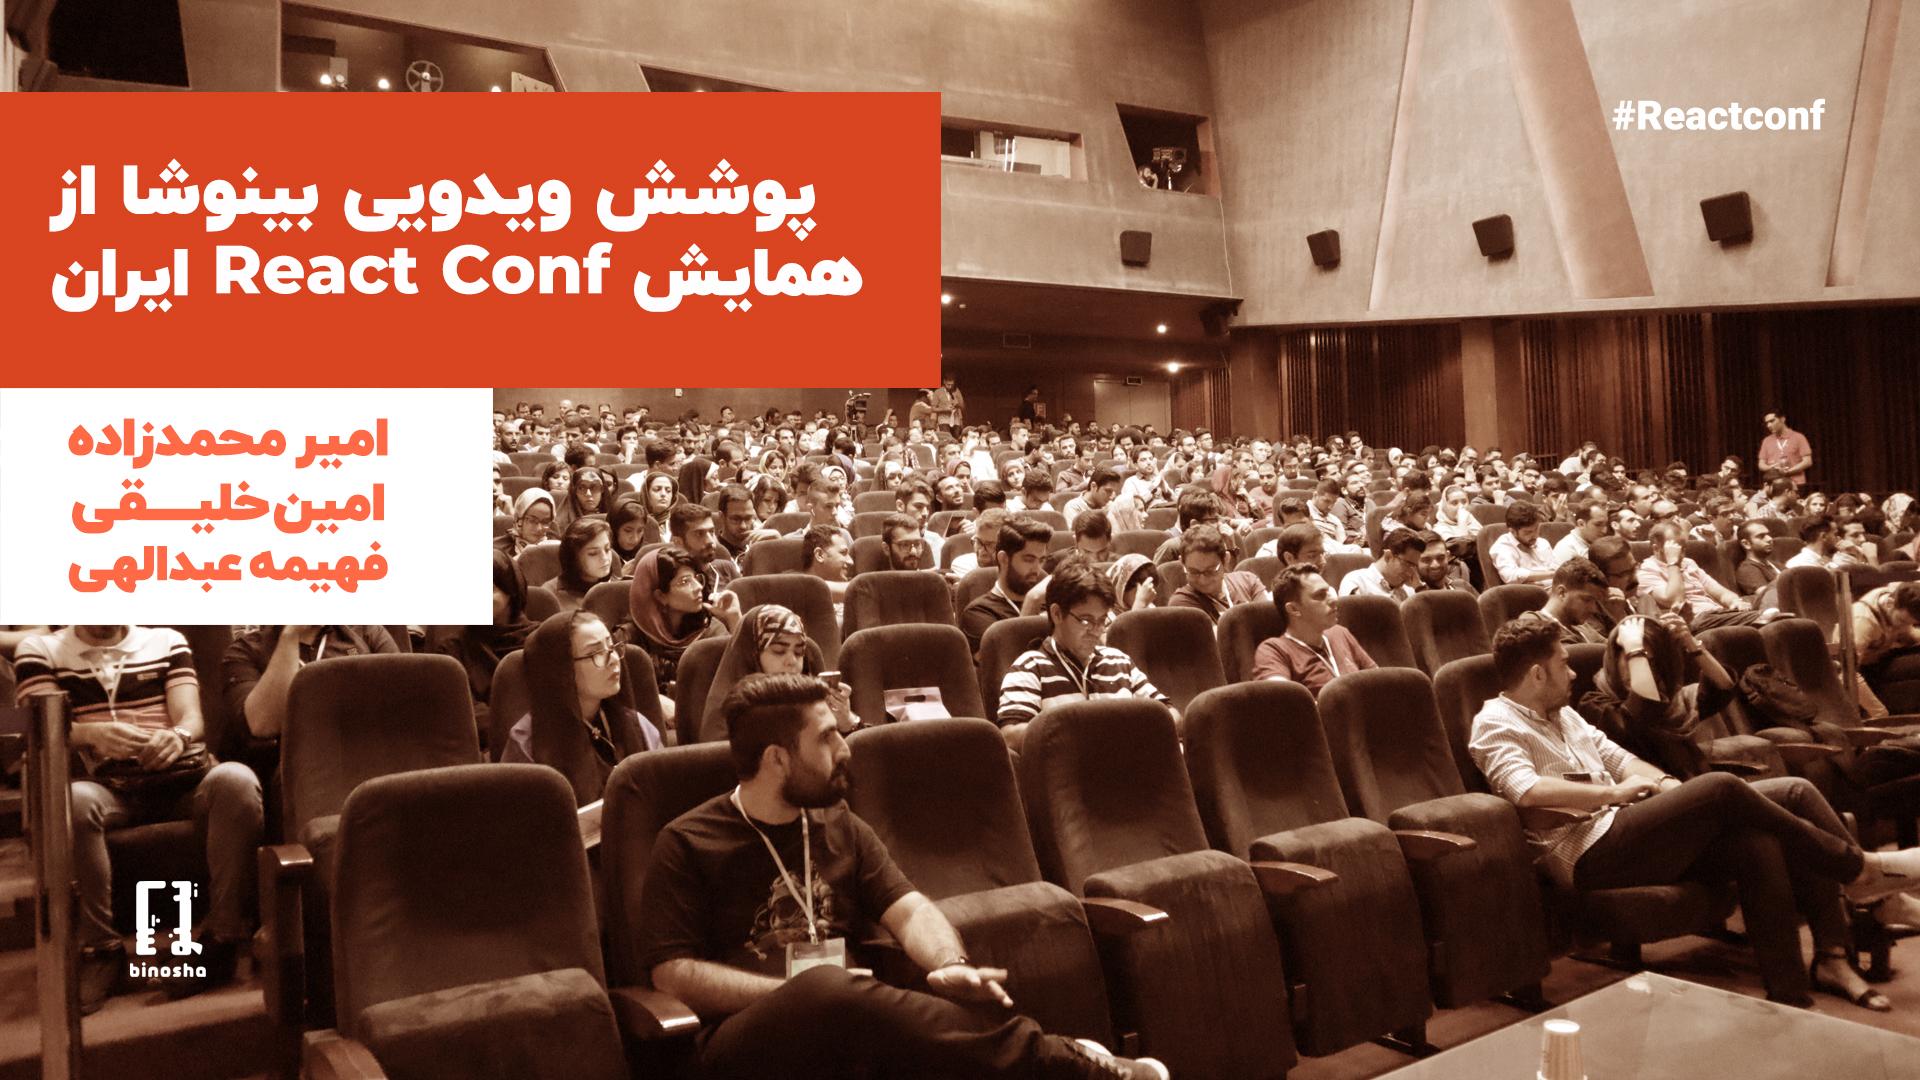 پوشش ویدئویی بینوشا از همایش React Conf ایران